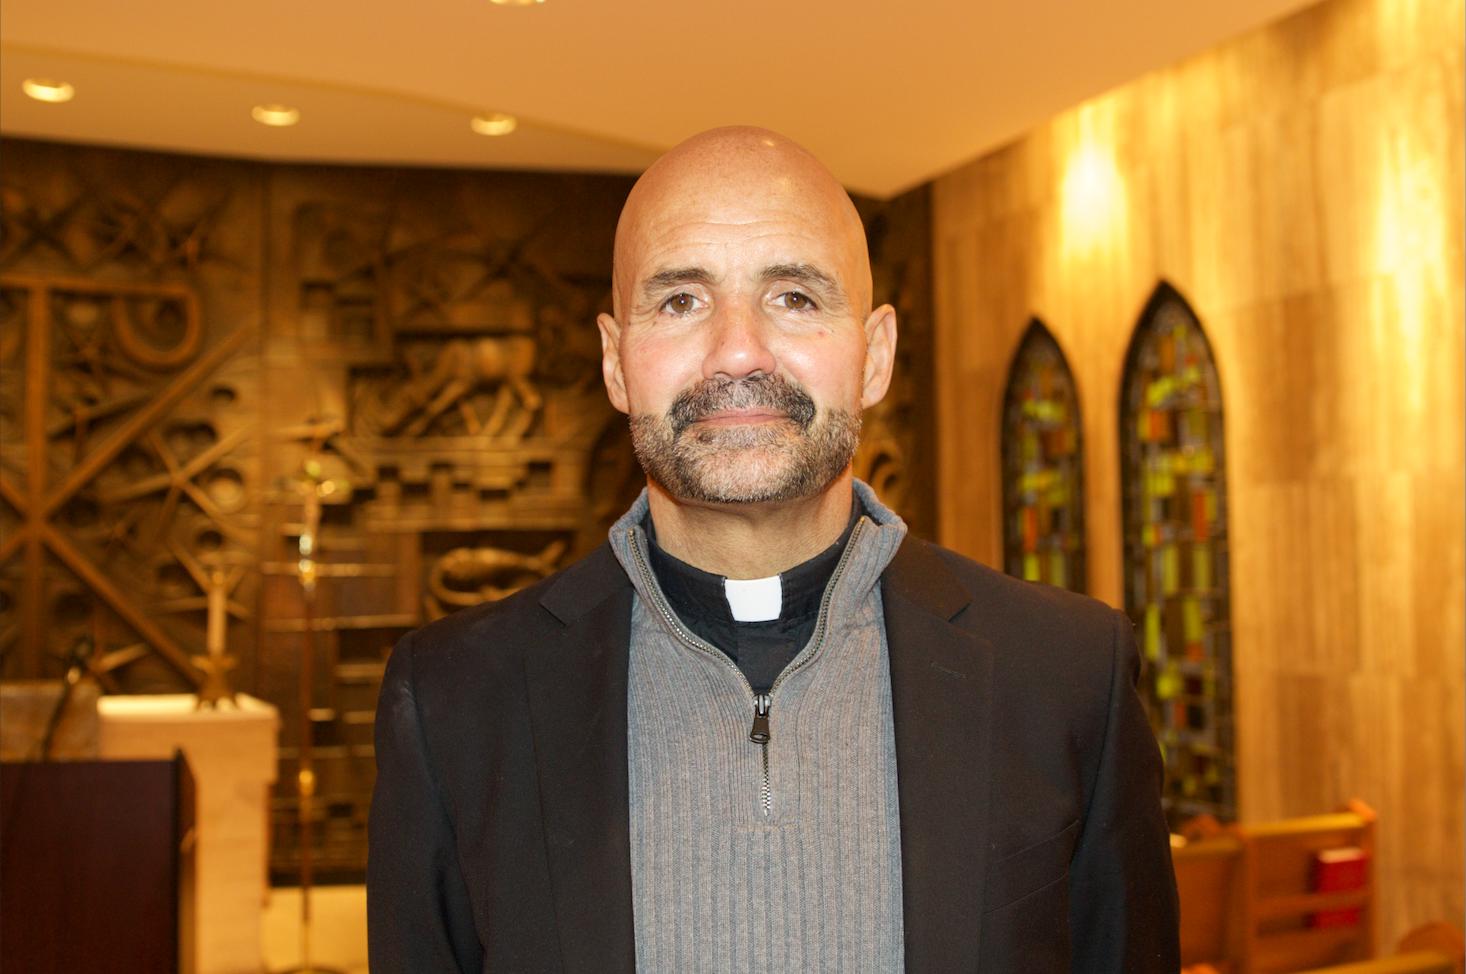 Ct-sacerdote-perdio-22-libras-por-su-apoyo-a-dreamers-20180212